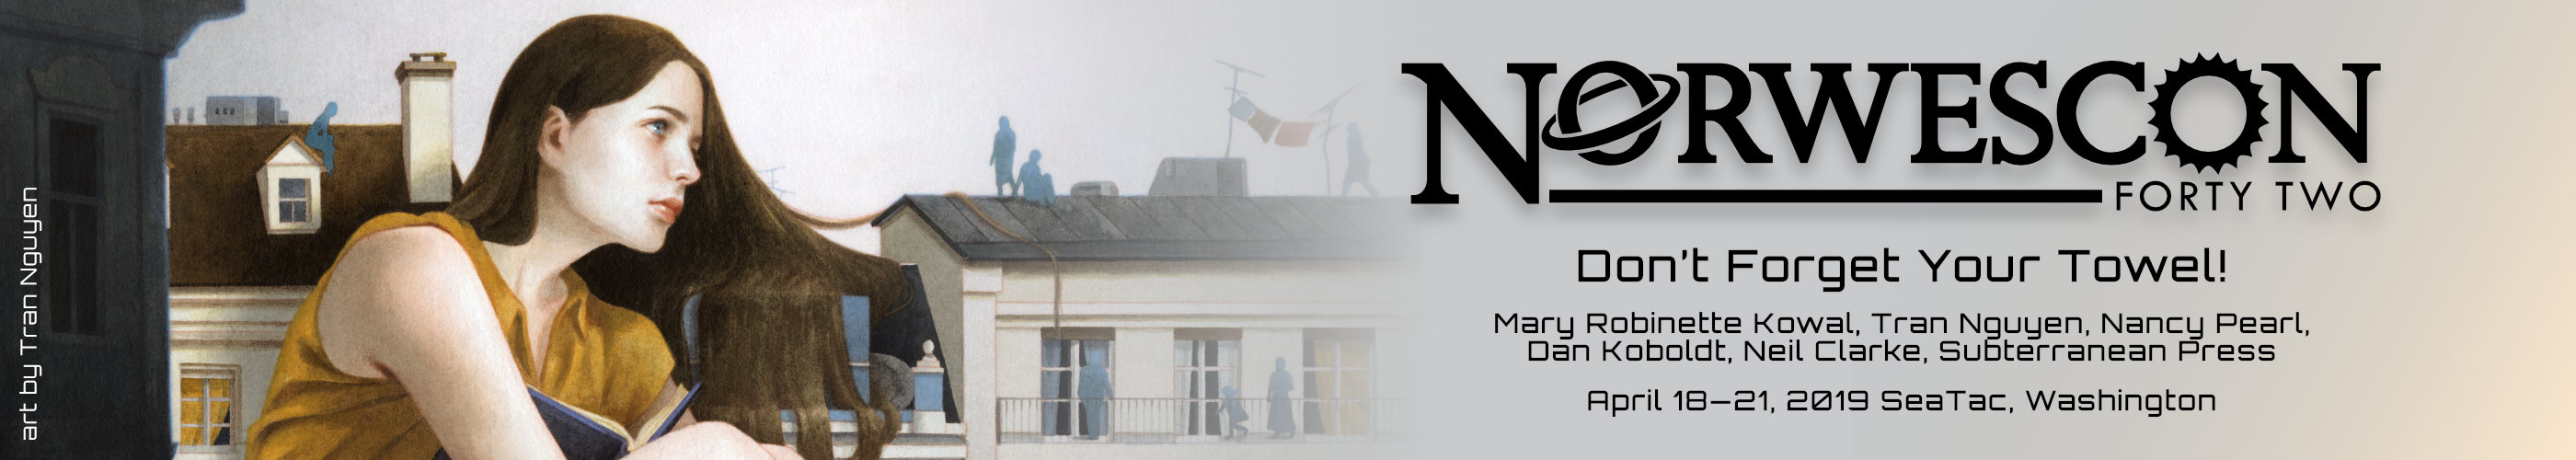 Norwescon 42